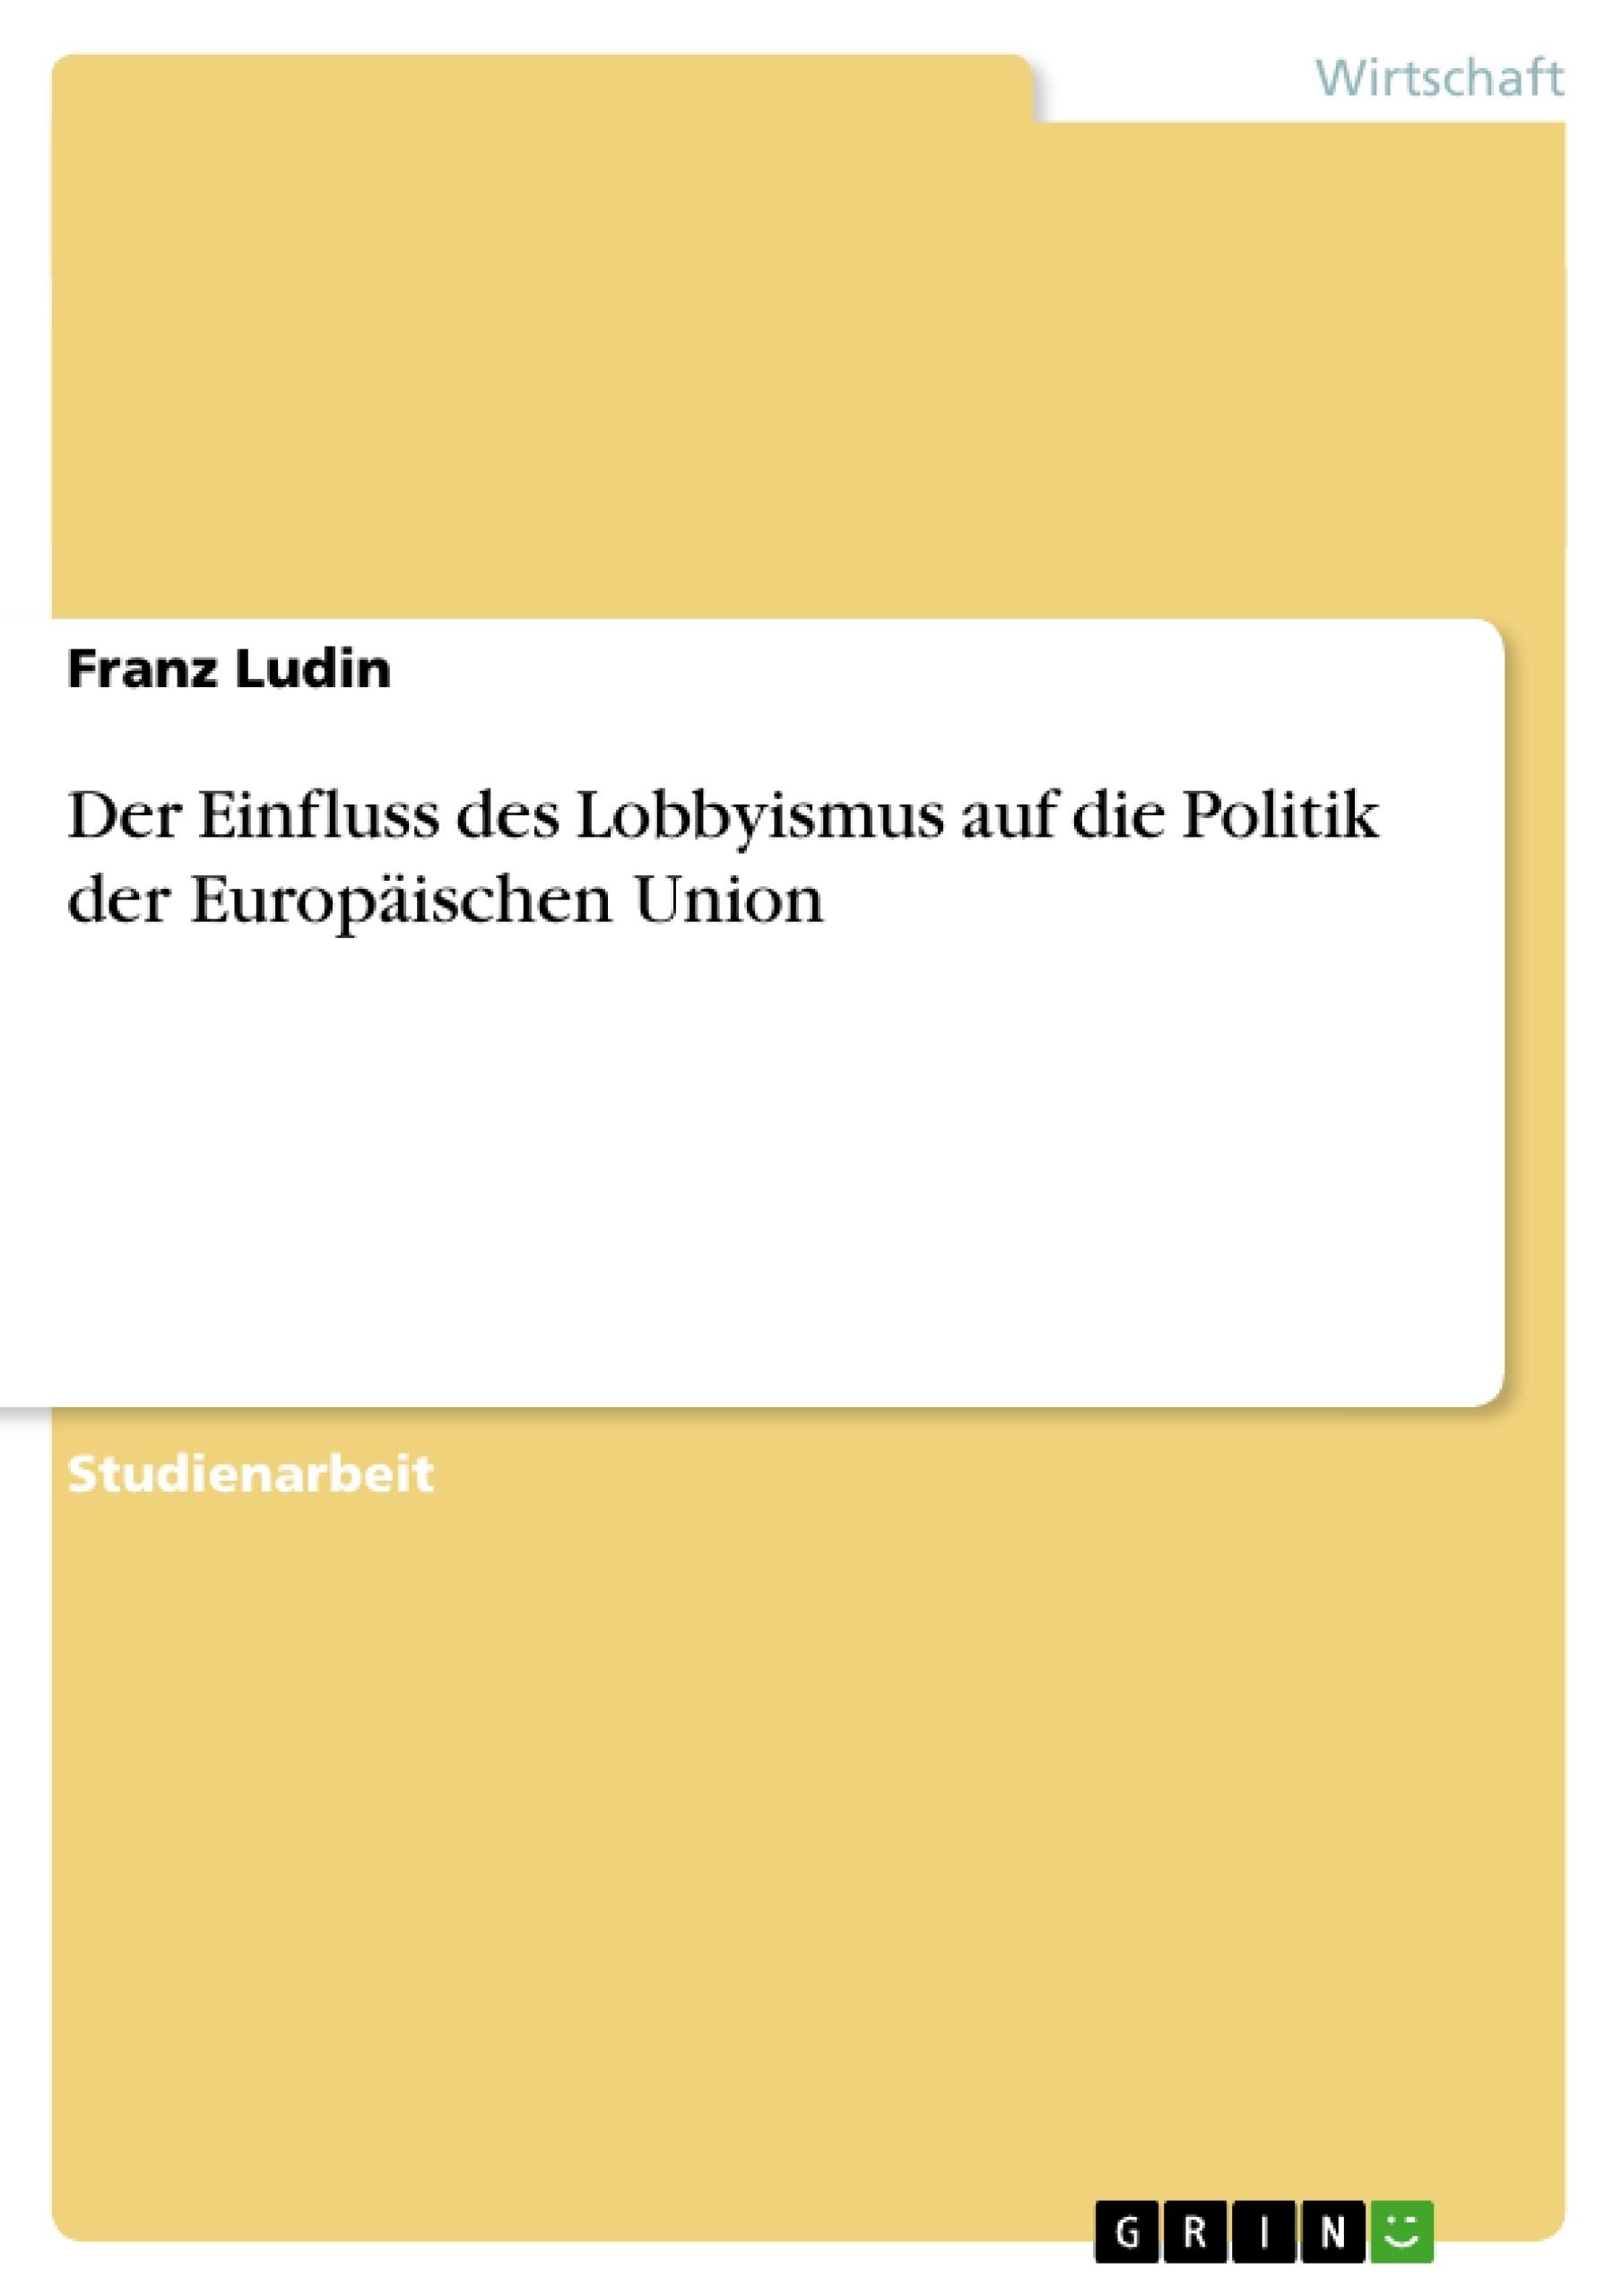 Titel: Der Einfluss des Lobbyismus auf die Politik der Europäischen Union